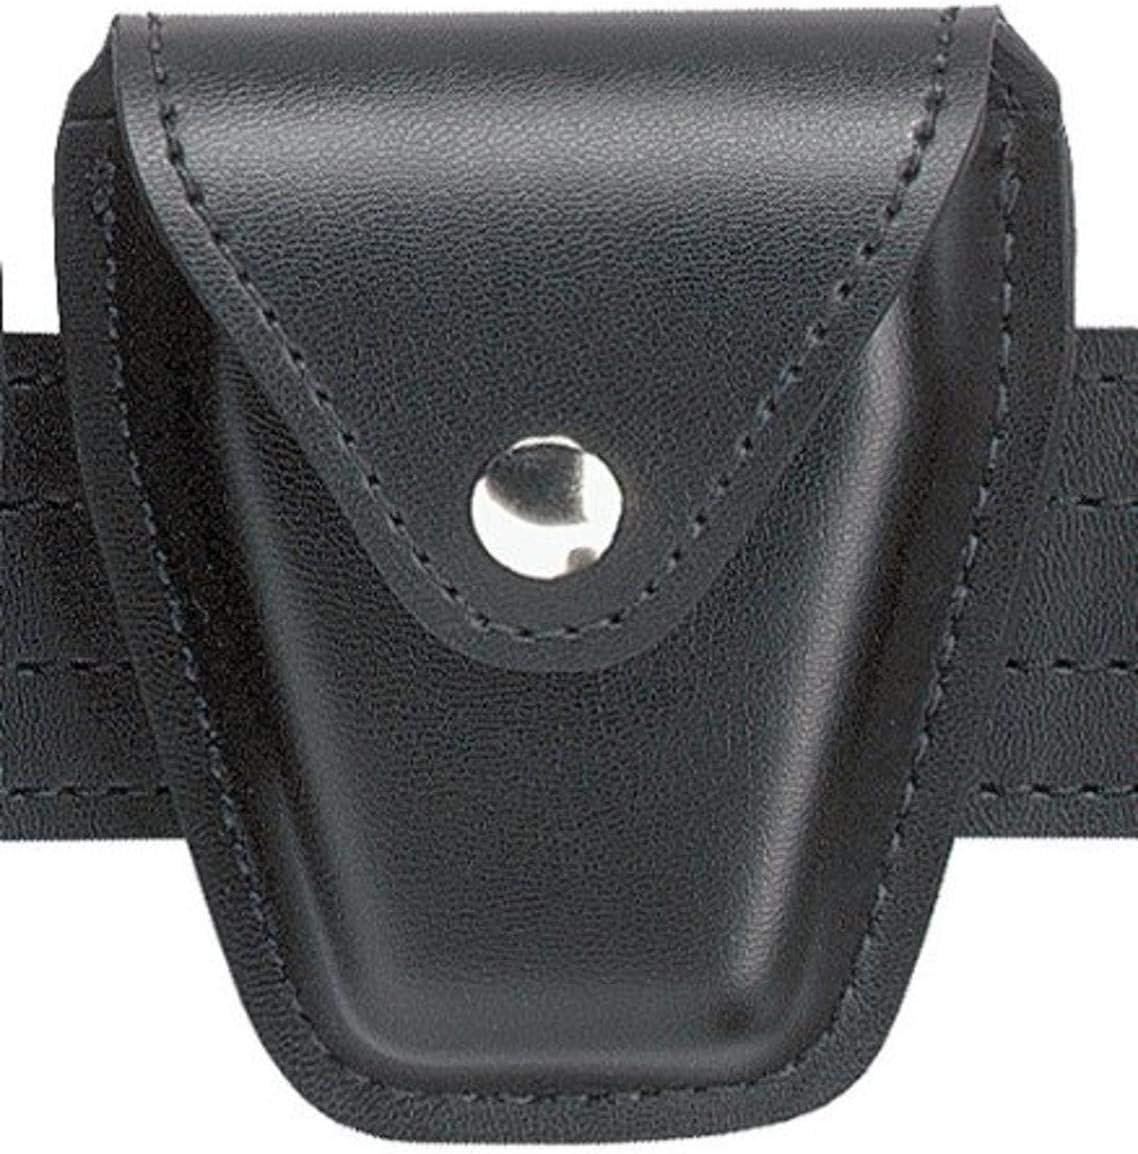 新品 送料無料 Safariland Duty Gear 送料無料でお届けします ASP Cuff Chrome Handcuff Pouc Top Snap Flap